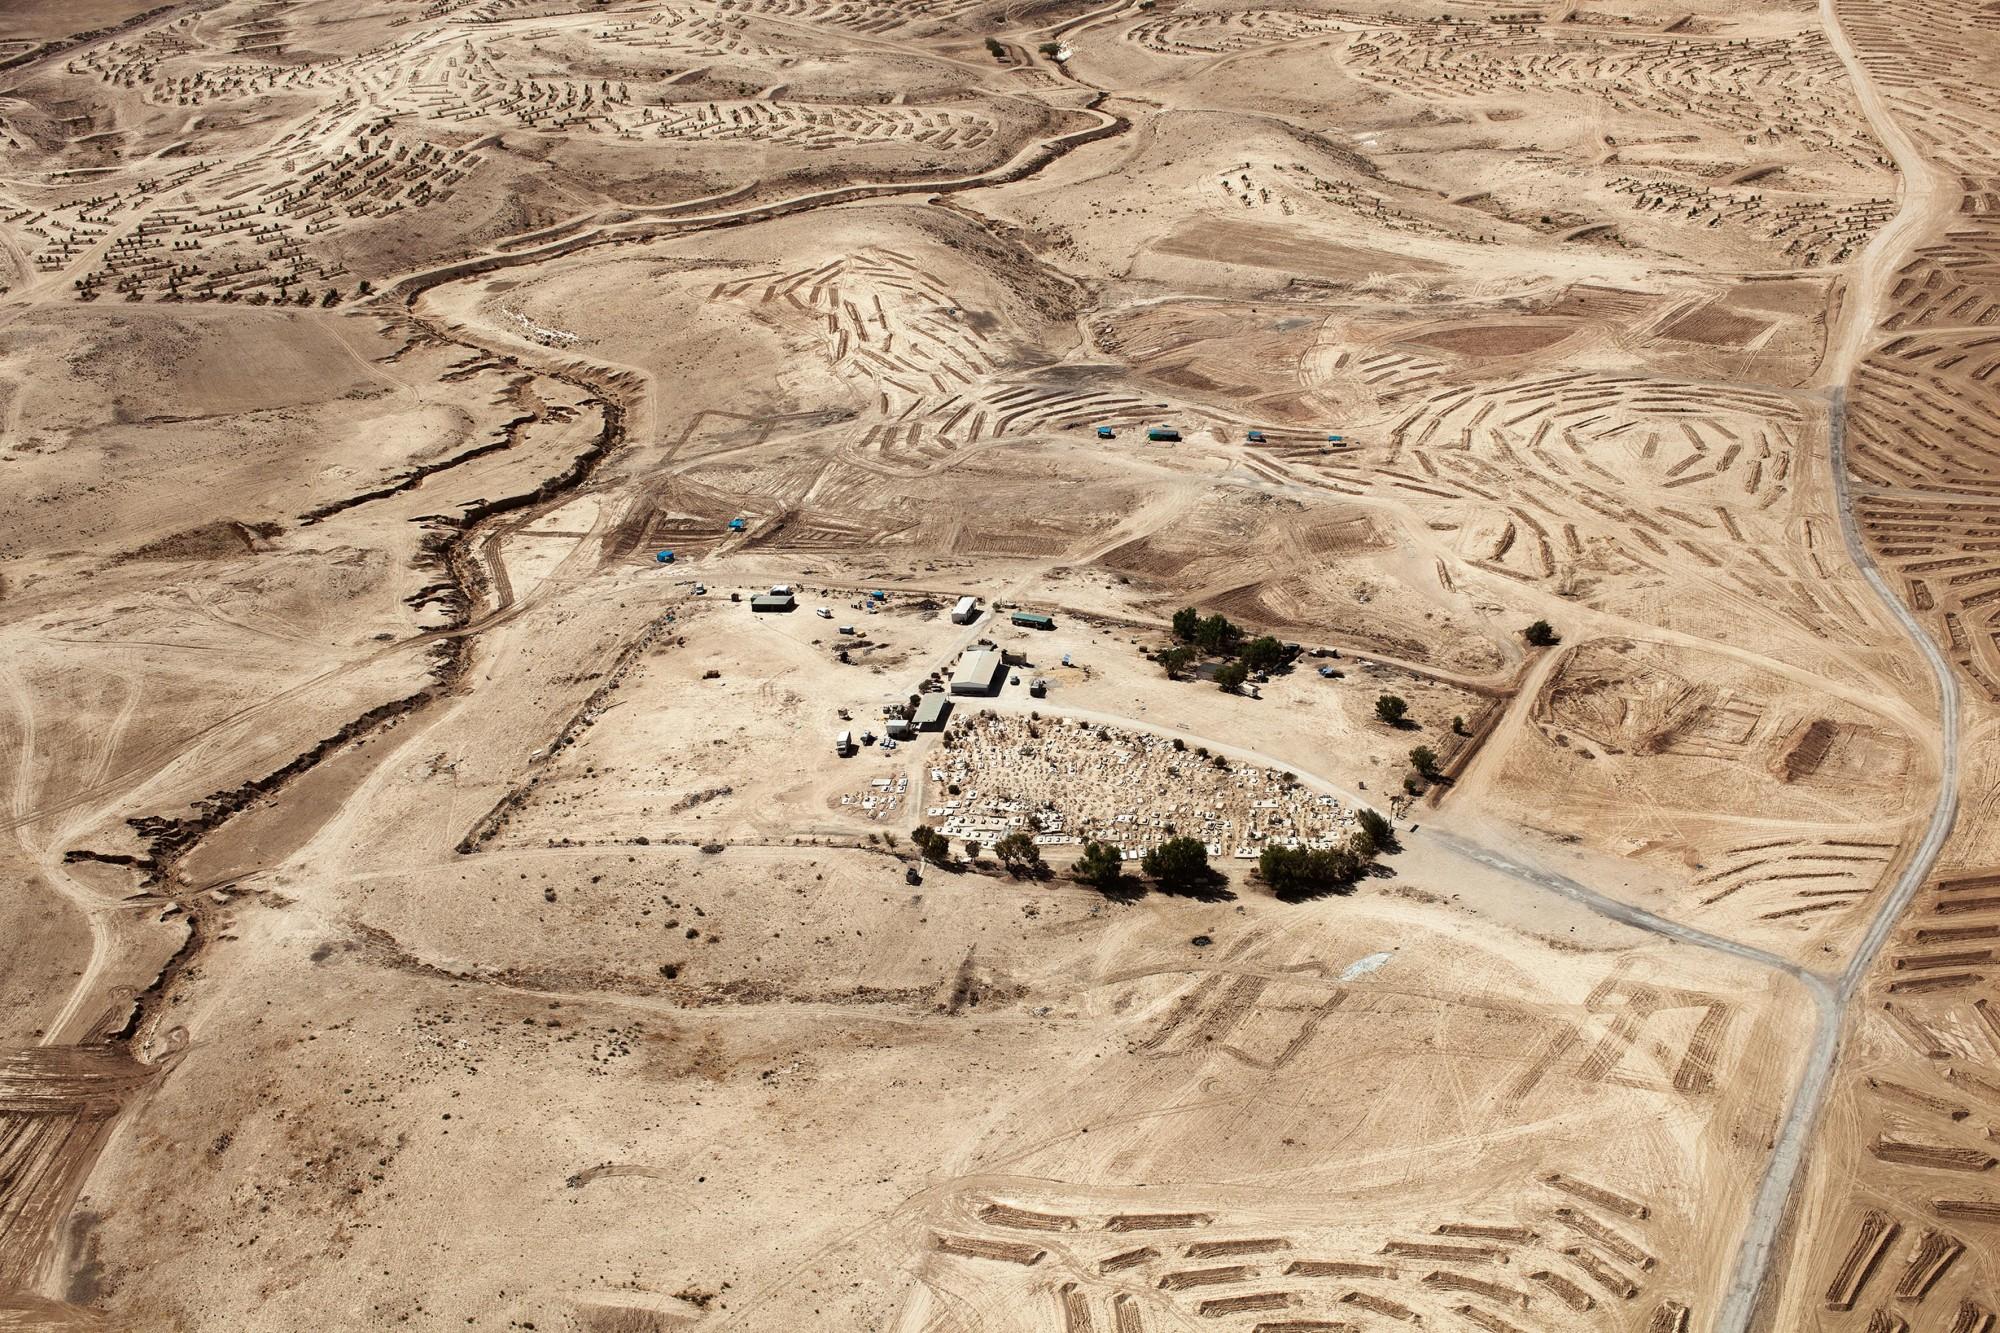 Desert Bloom Fazal Skeikh https://steidl.de/Books/The-Conflict-Shoreline-Colonization-as-Climate-Change-in-the-Negev-Desert-0821232758.html